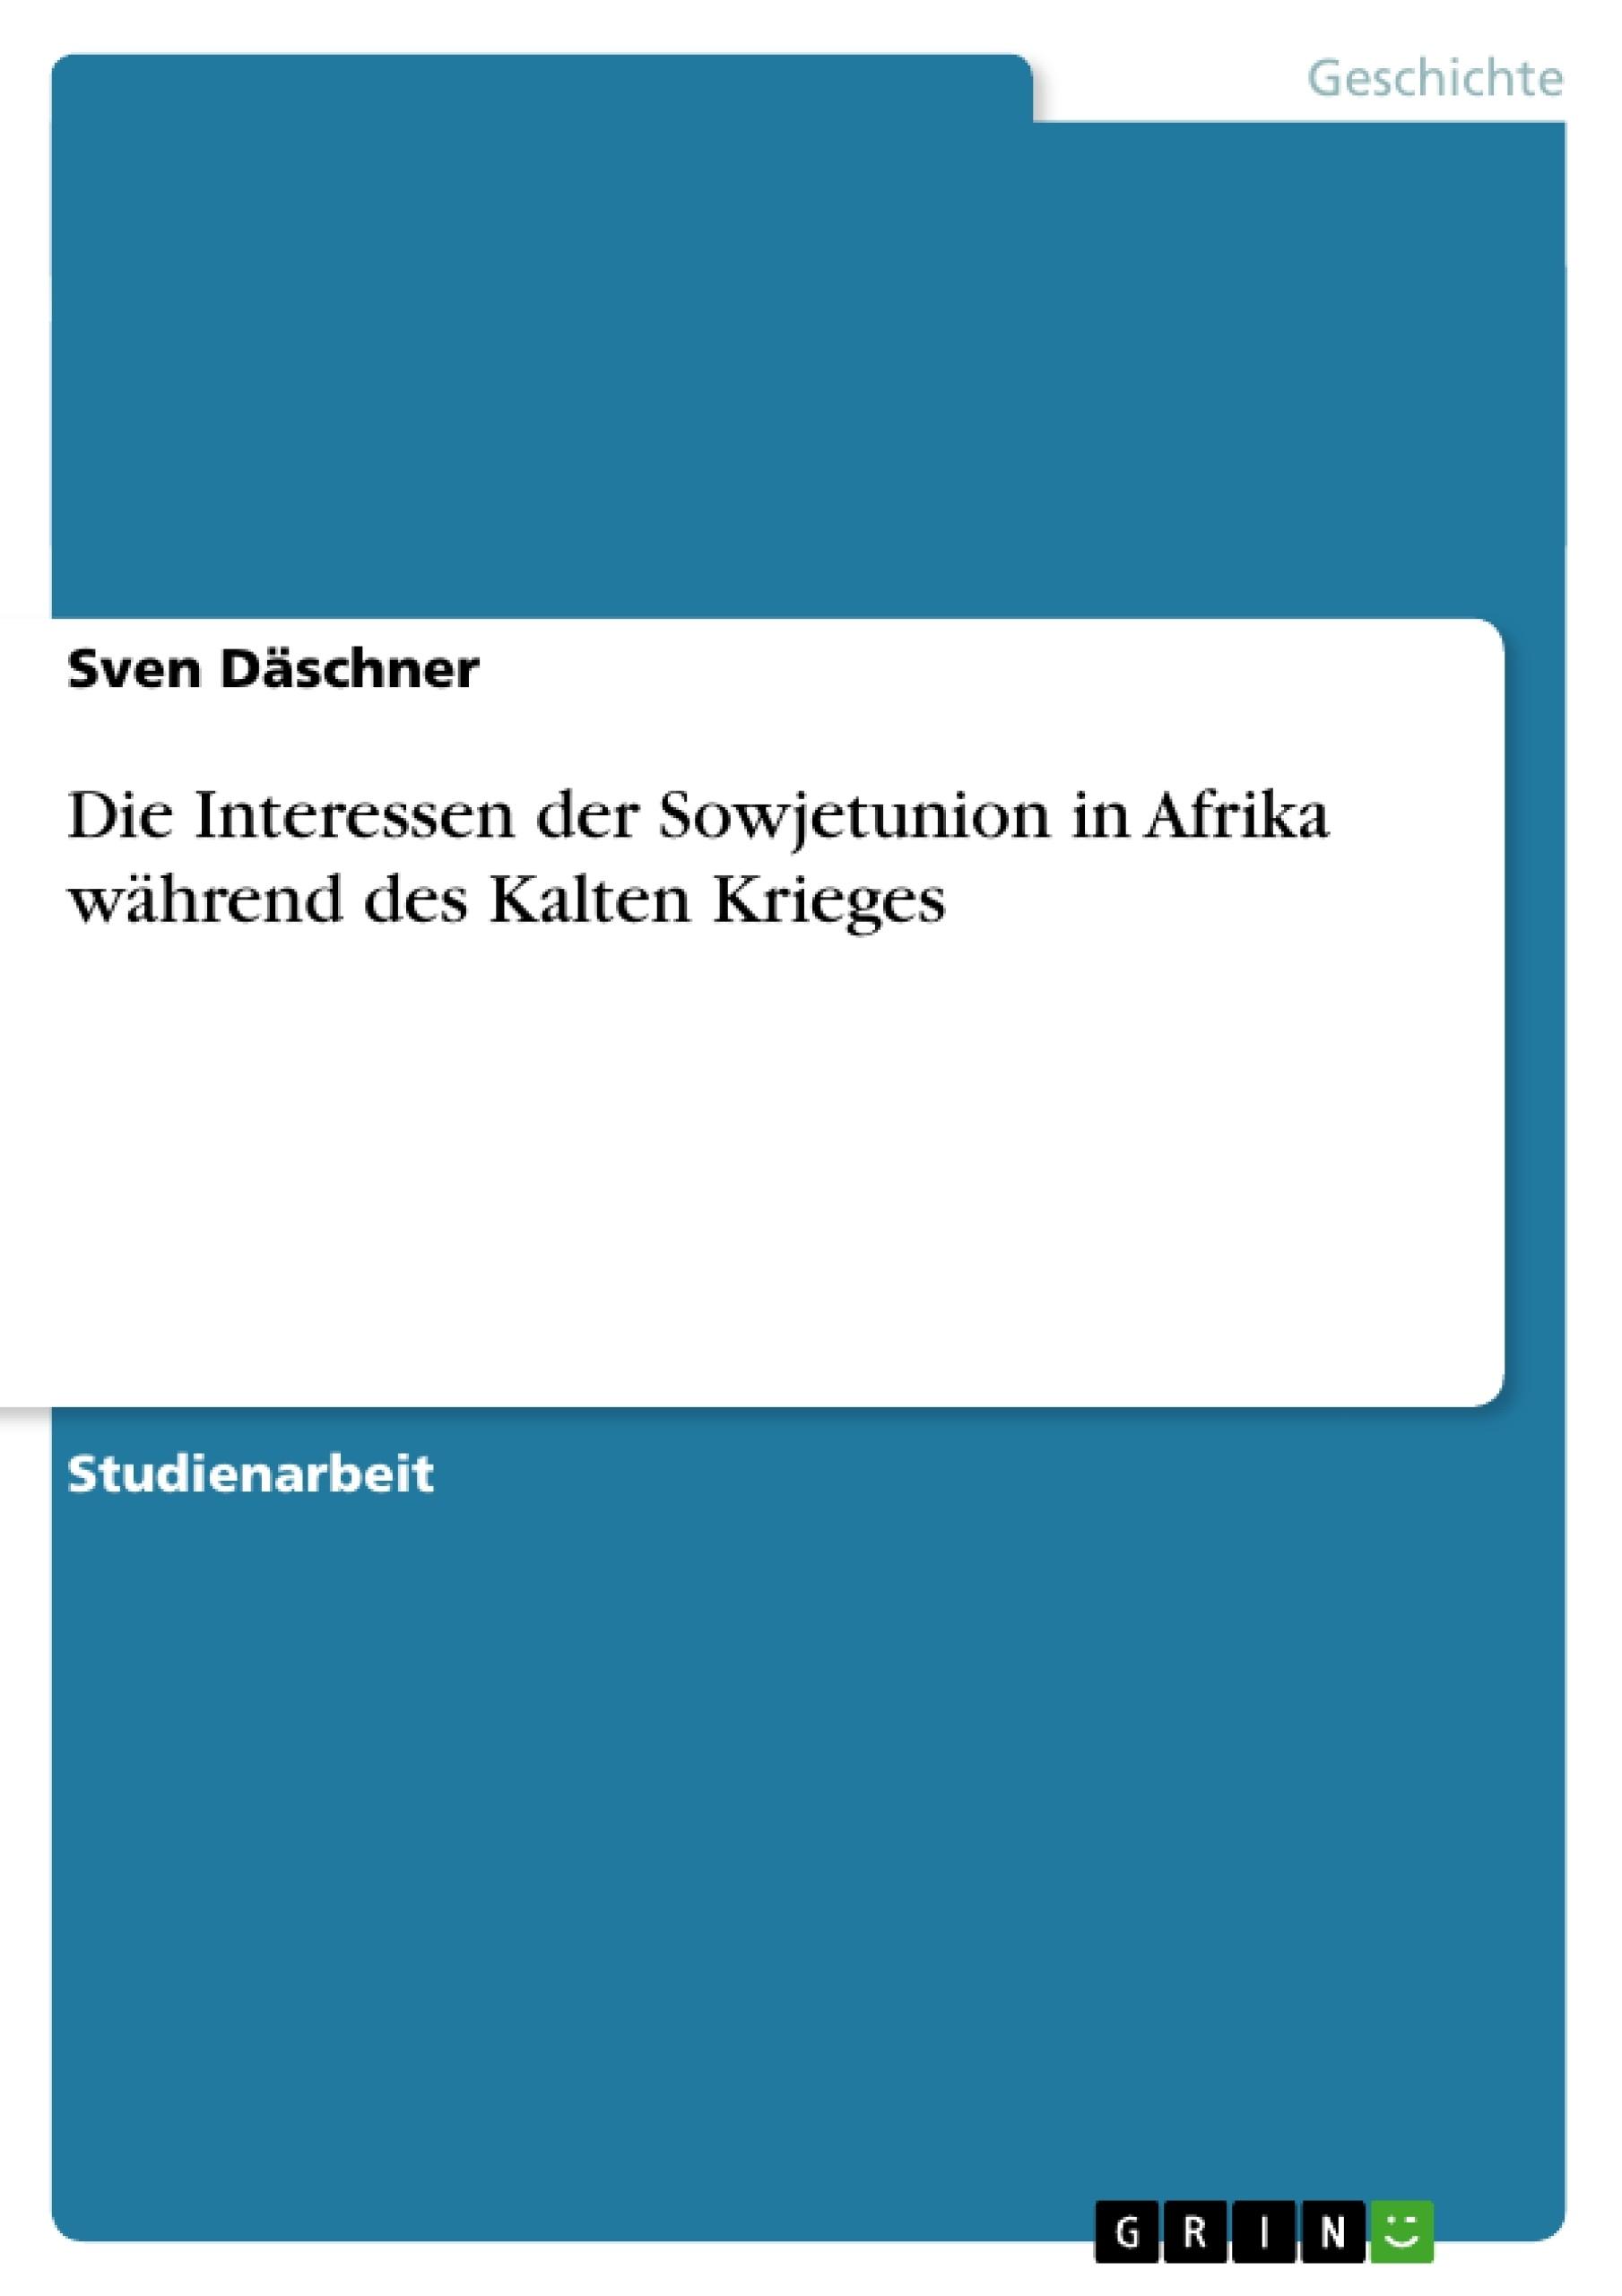 Titel: Die Interessen der Sowjetunion in Afrika während des Kalten Krieges